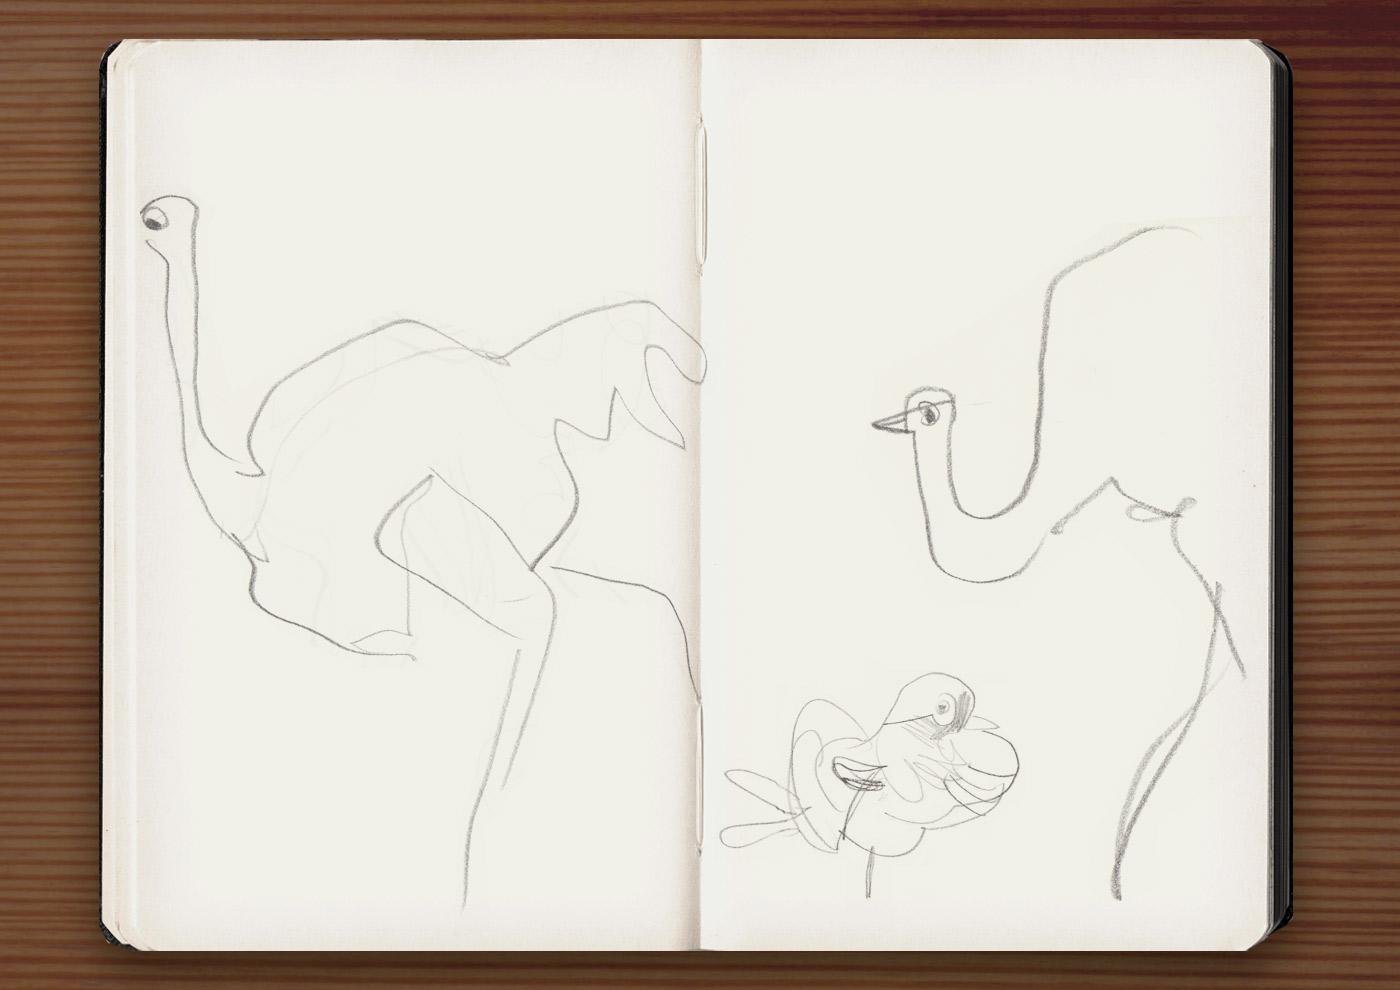 Skizzen von Vögeln und Straußen in der Ménagerie, dem Zoo des Jardin des Plantes, in Paris